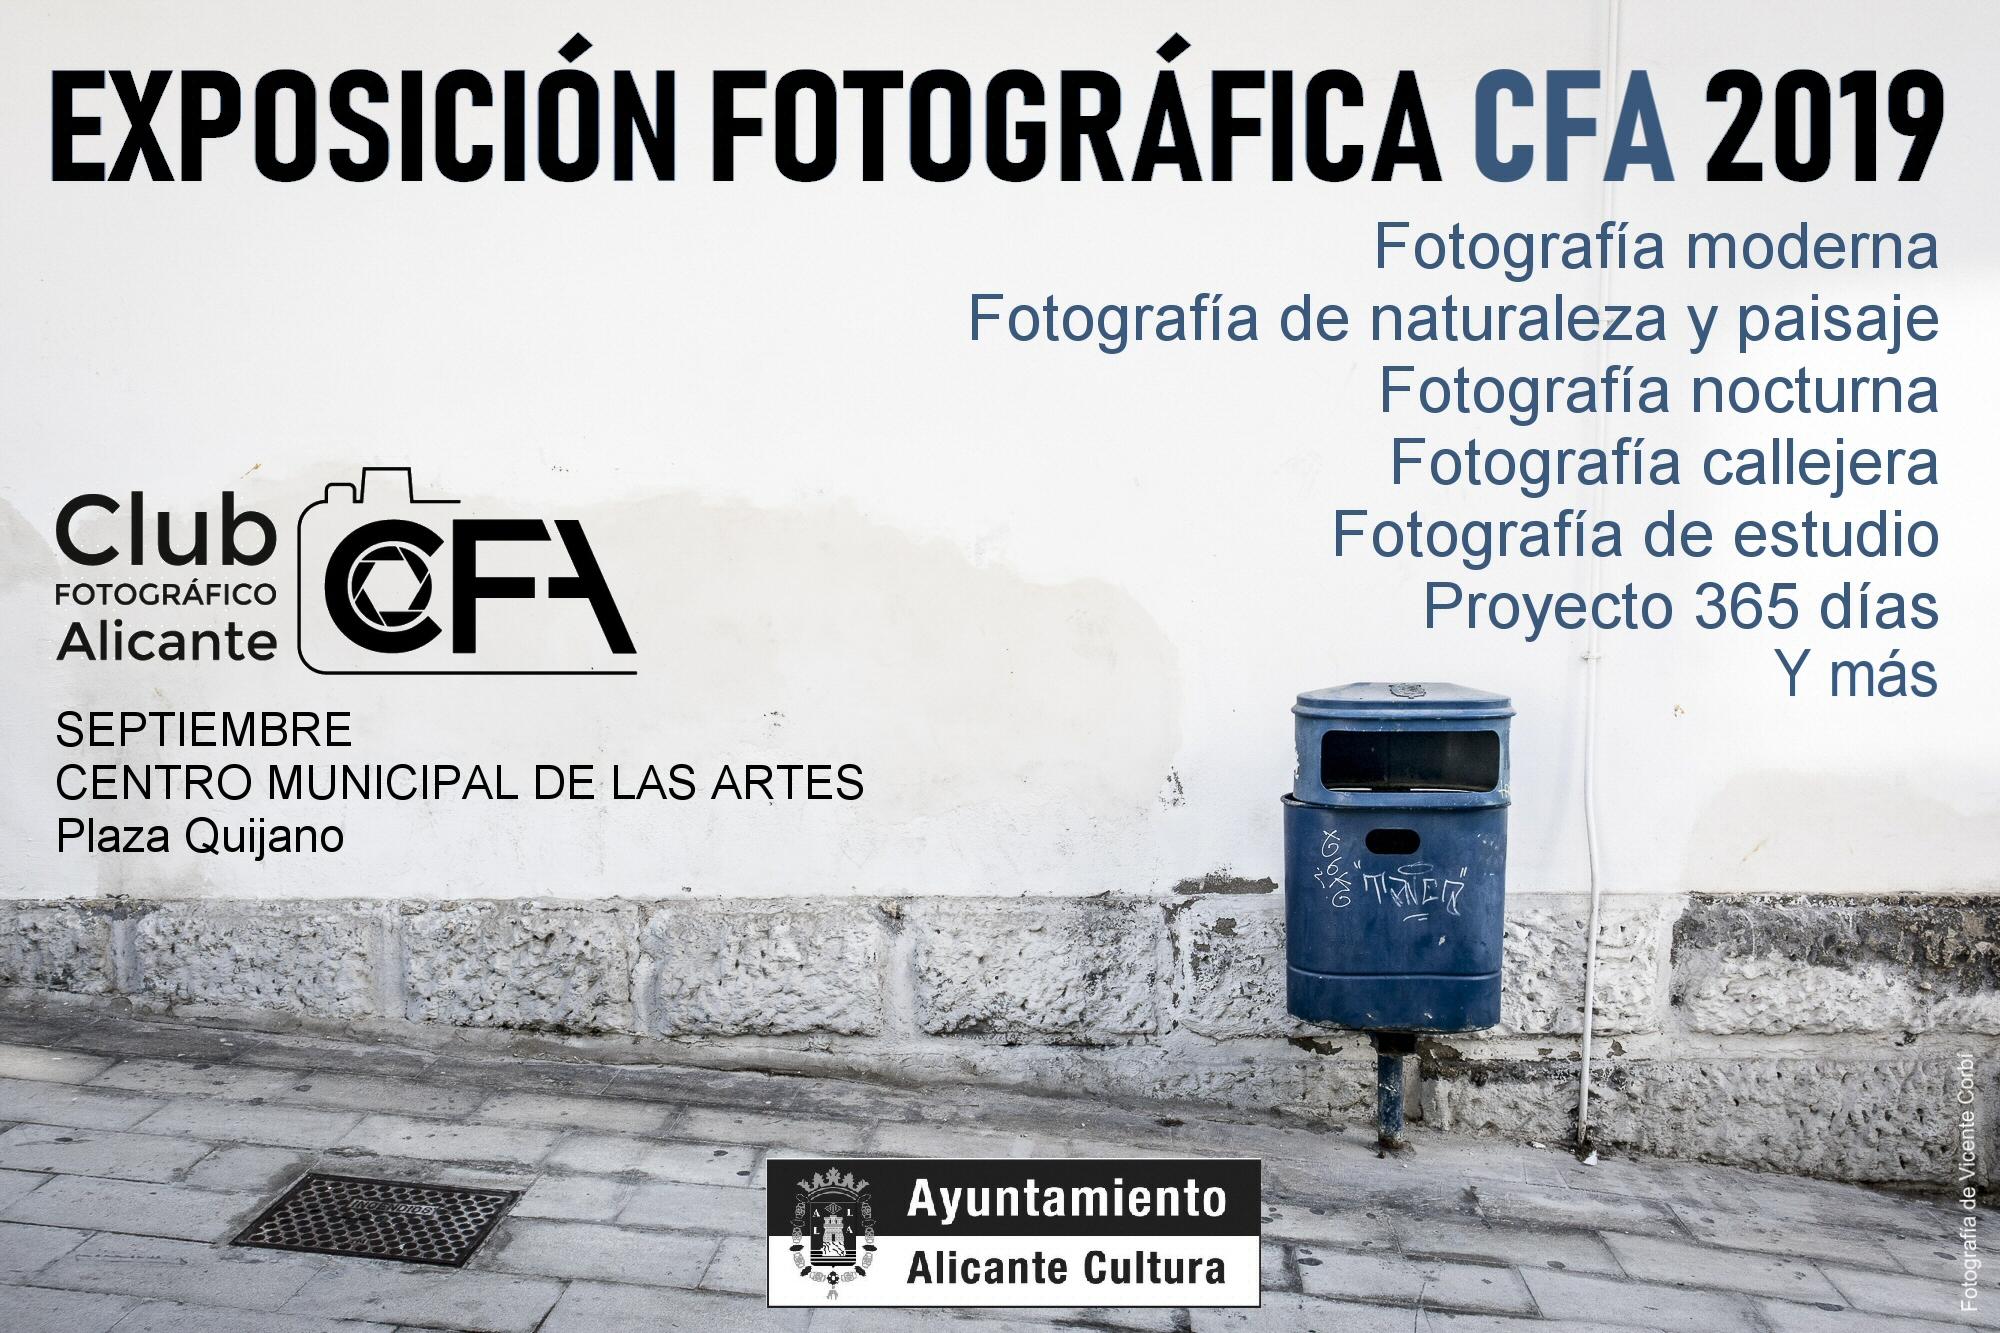 EXPOSICIÓN FOTOGRÁFICA CFA 2019